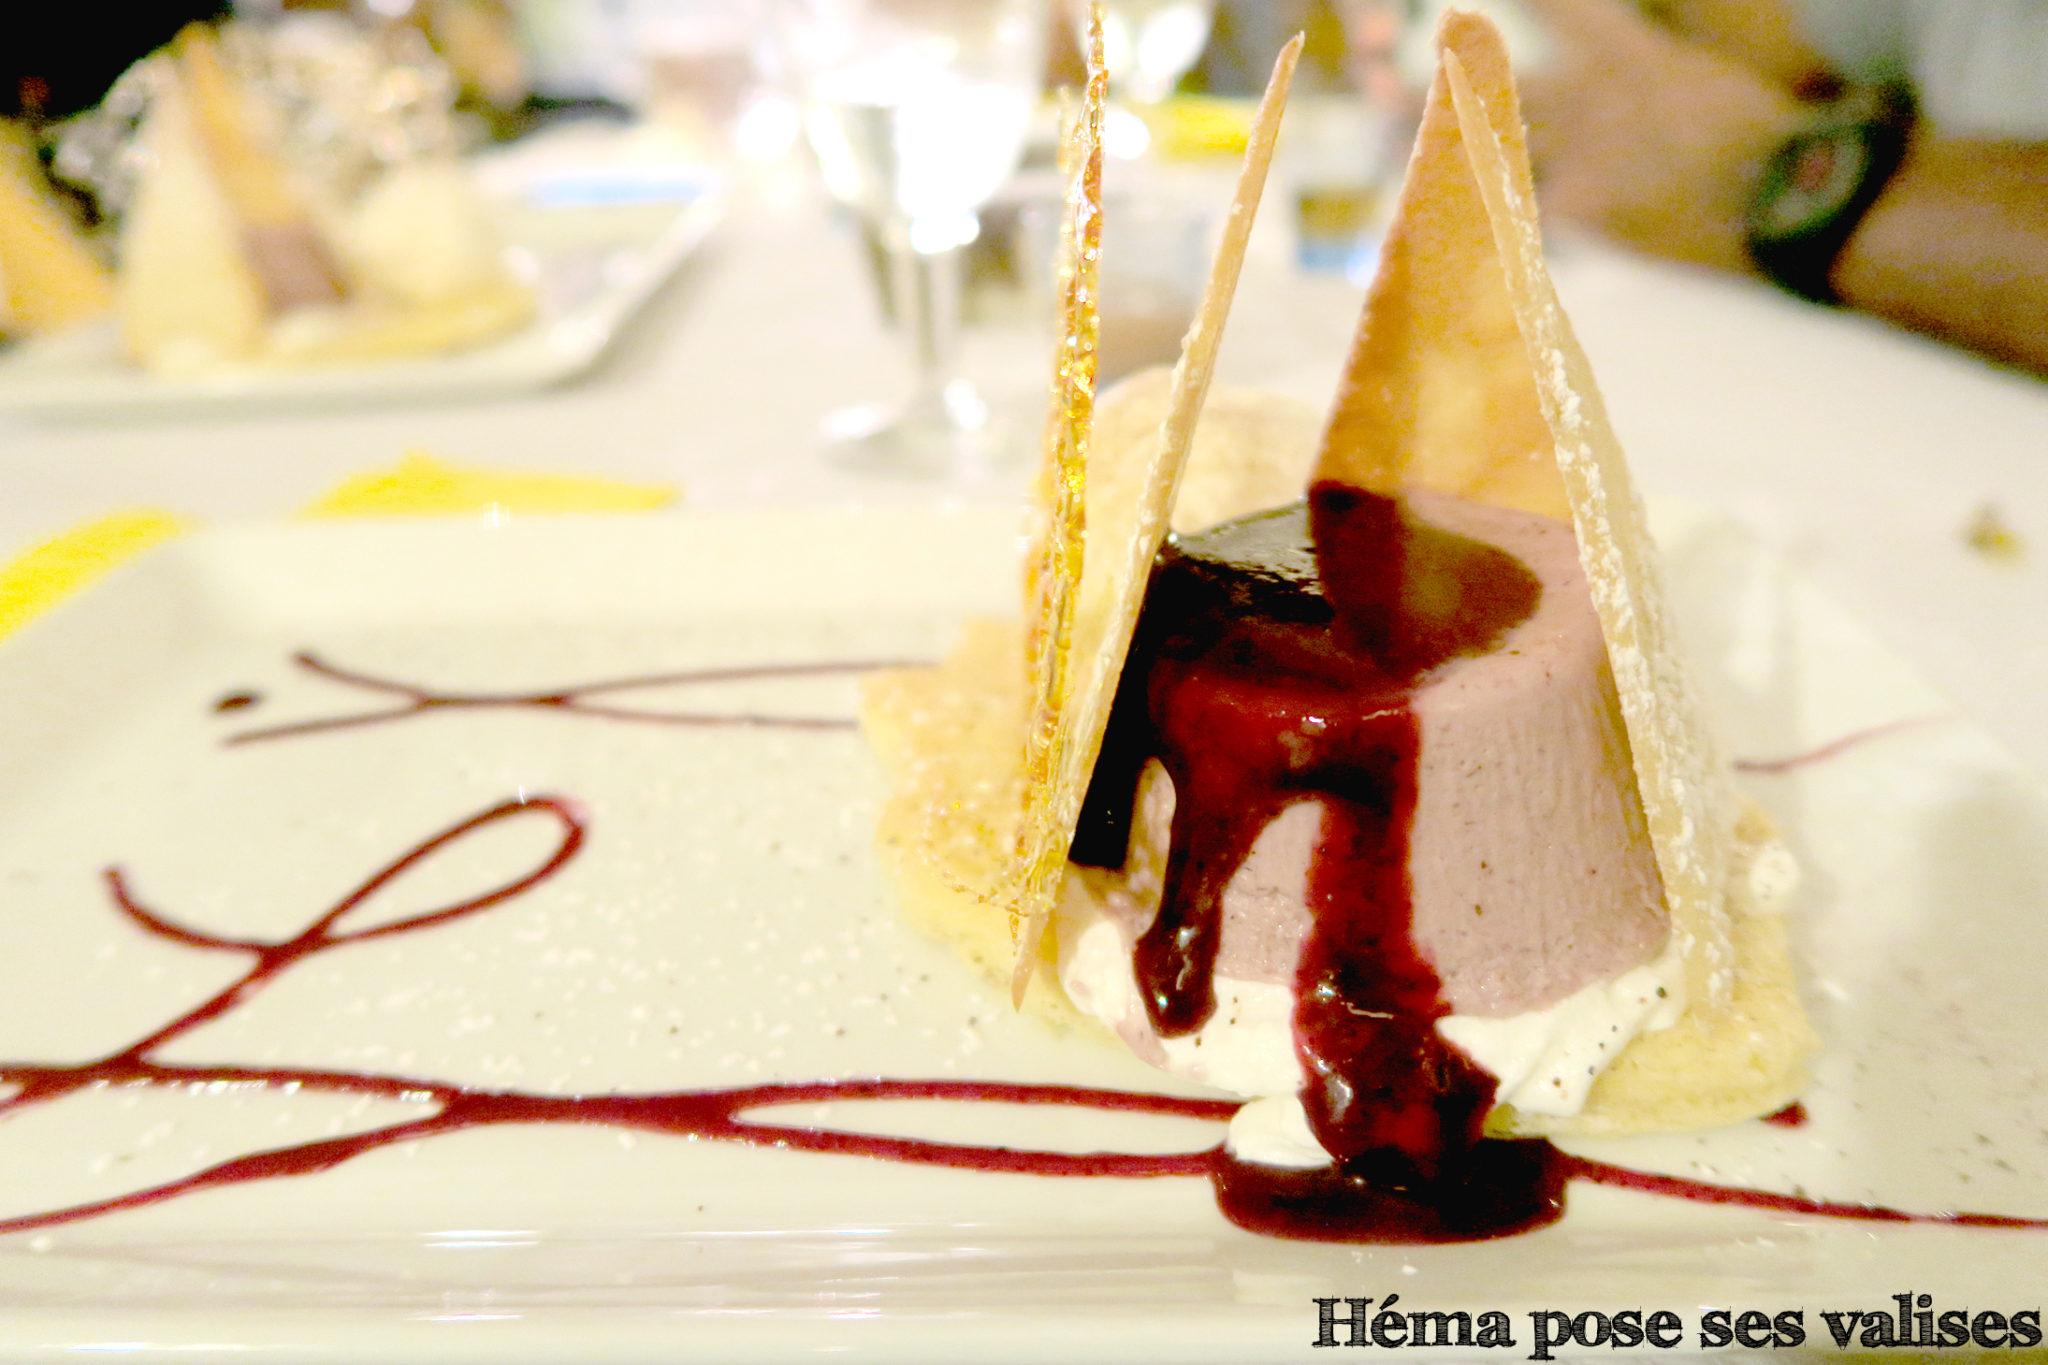 Dessert le piton de gadiamb du restaurant Le Gadiamb à Saint Denis à La Réunion